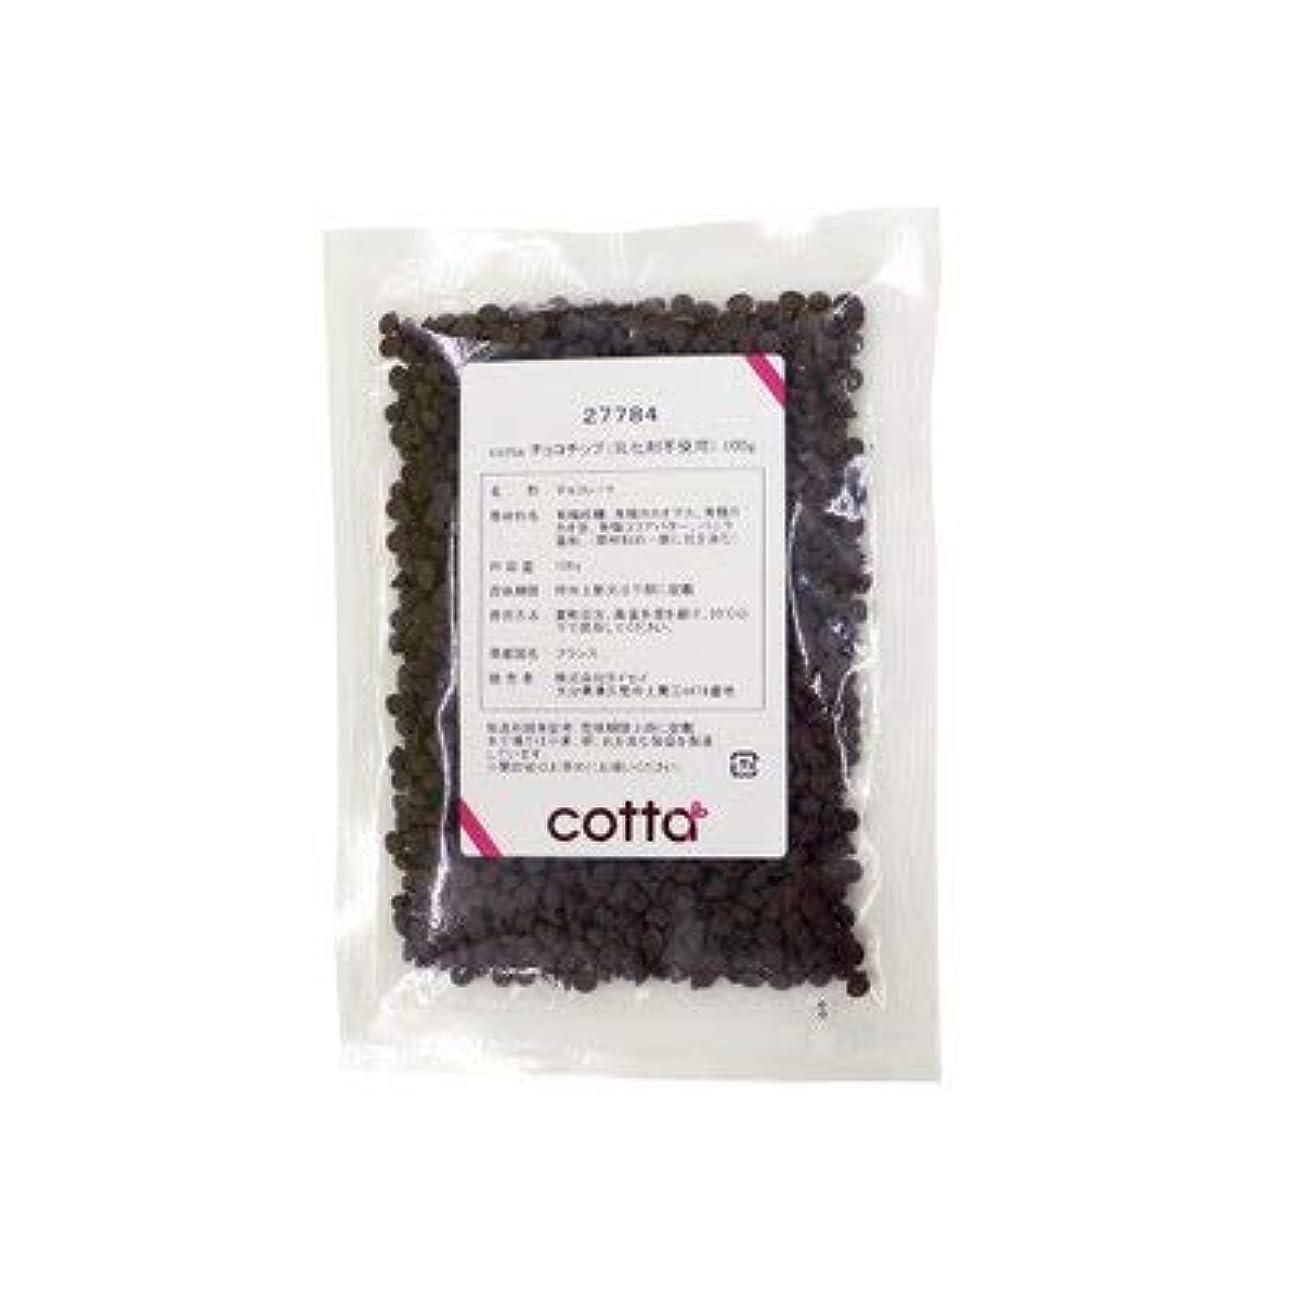 証明出身地ドナウ川cotta チョコチップ (乳化剤不使用) 100g